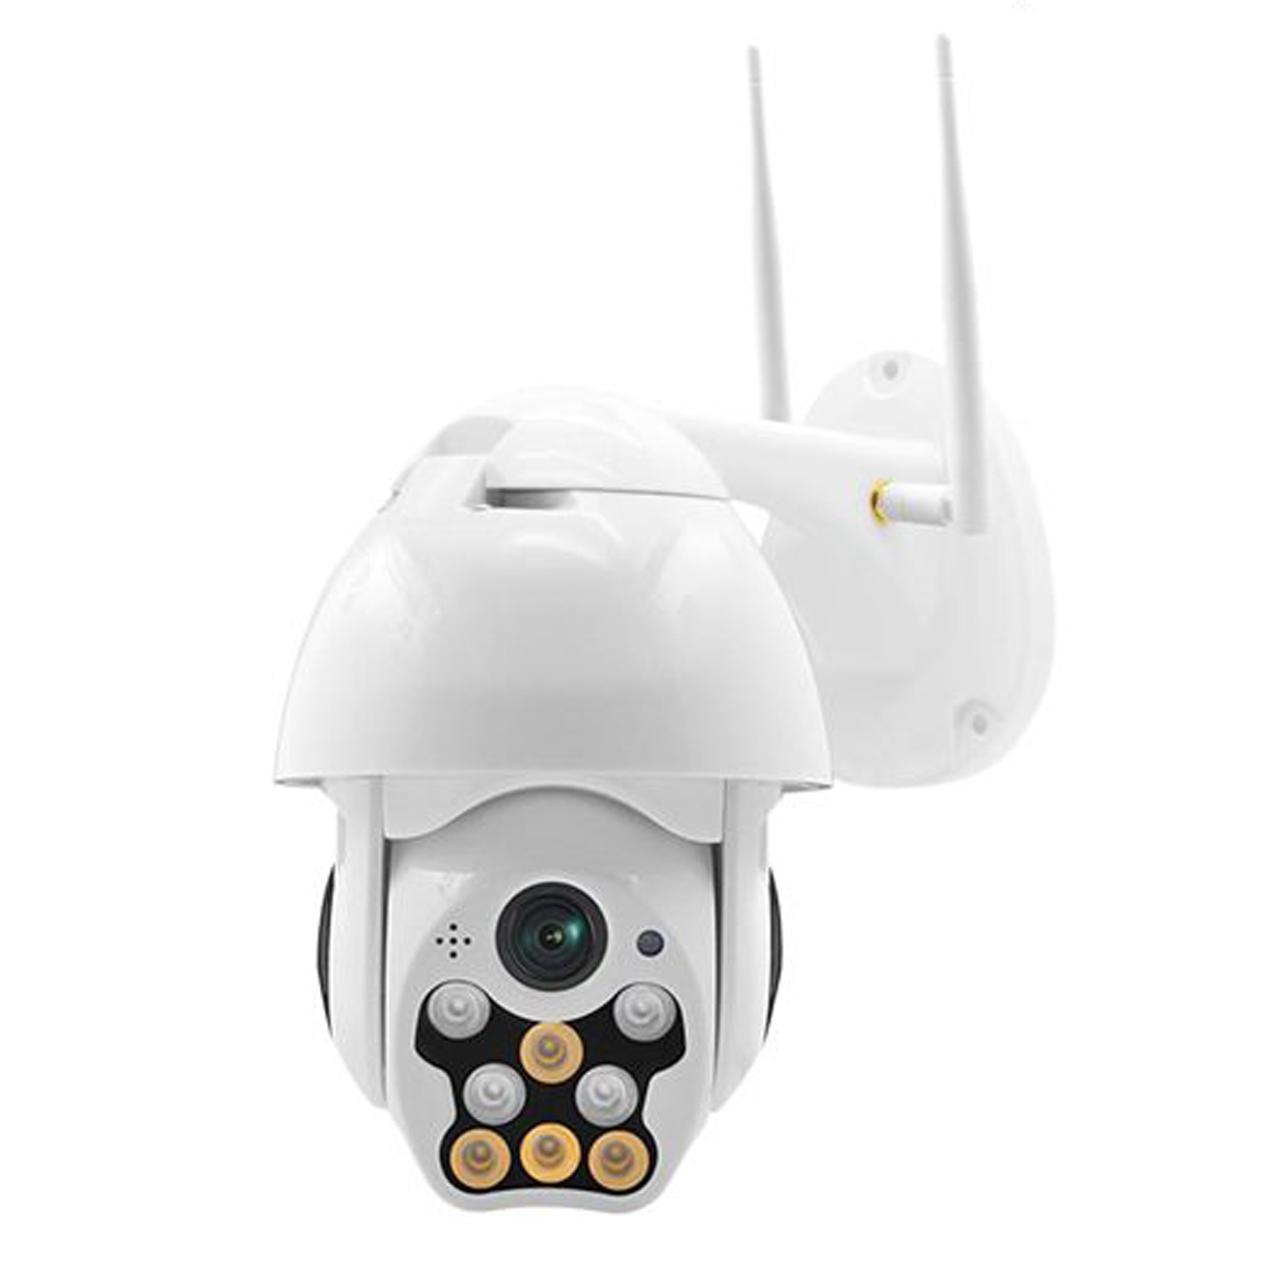 دوربین مداربسته تحت شبکه مدل NSP-5510S